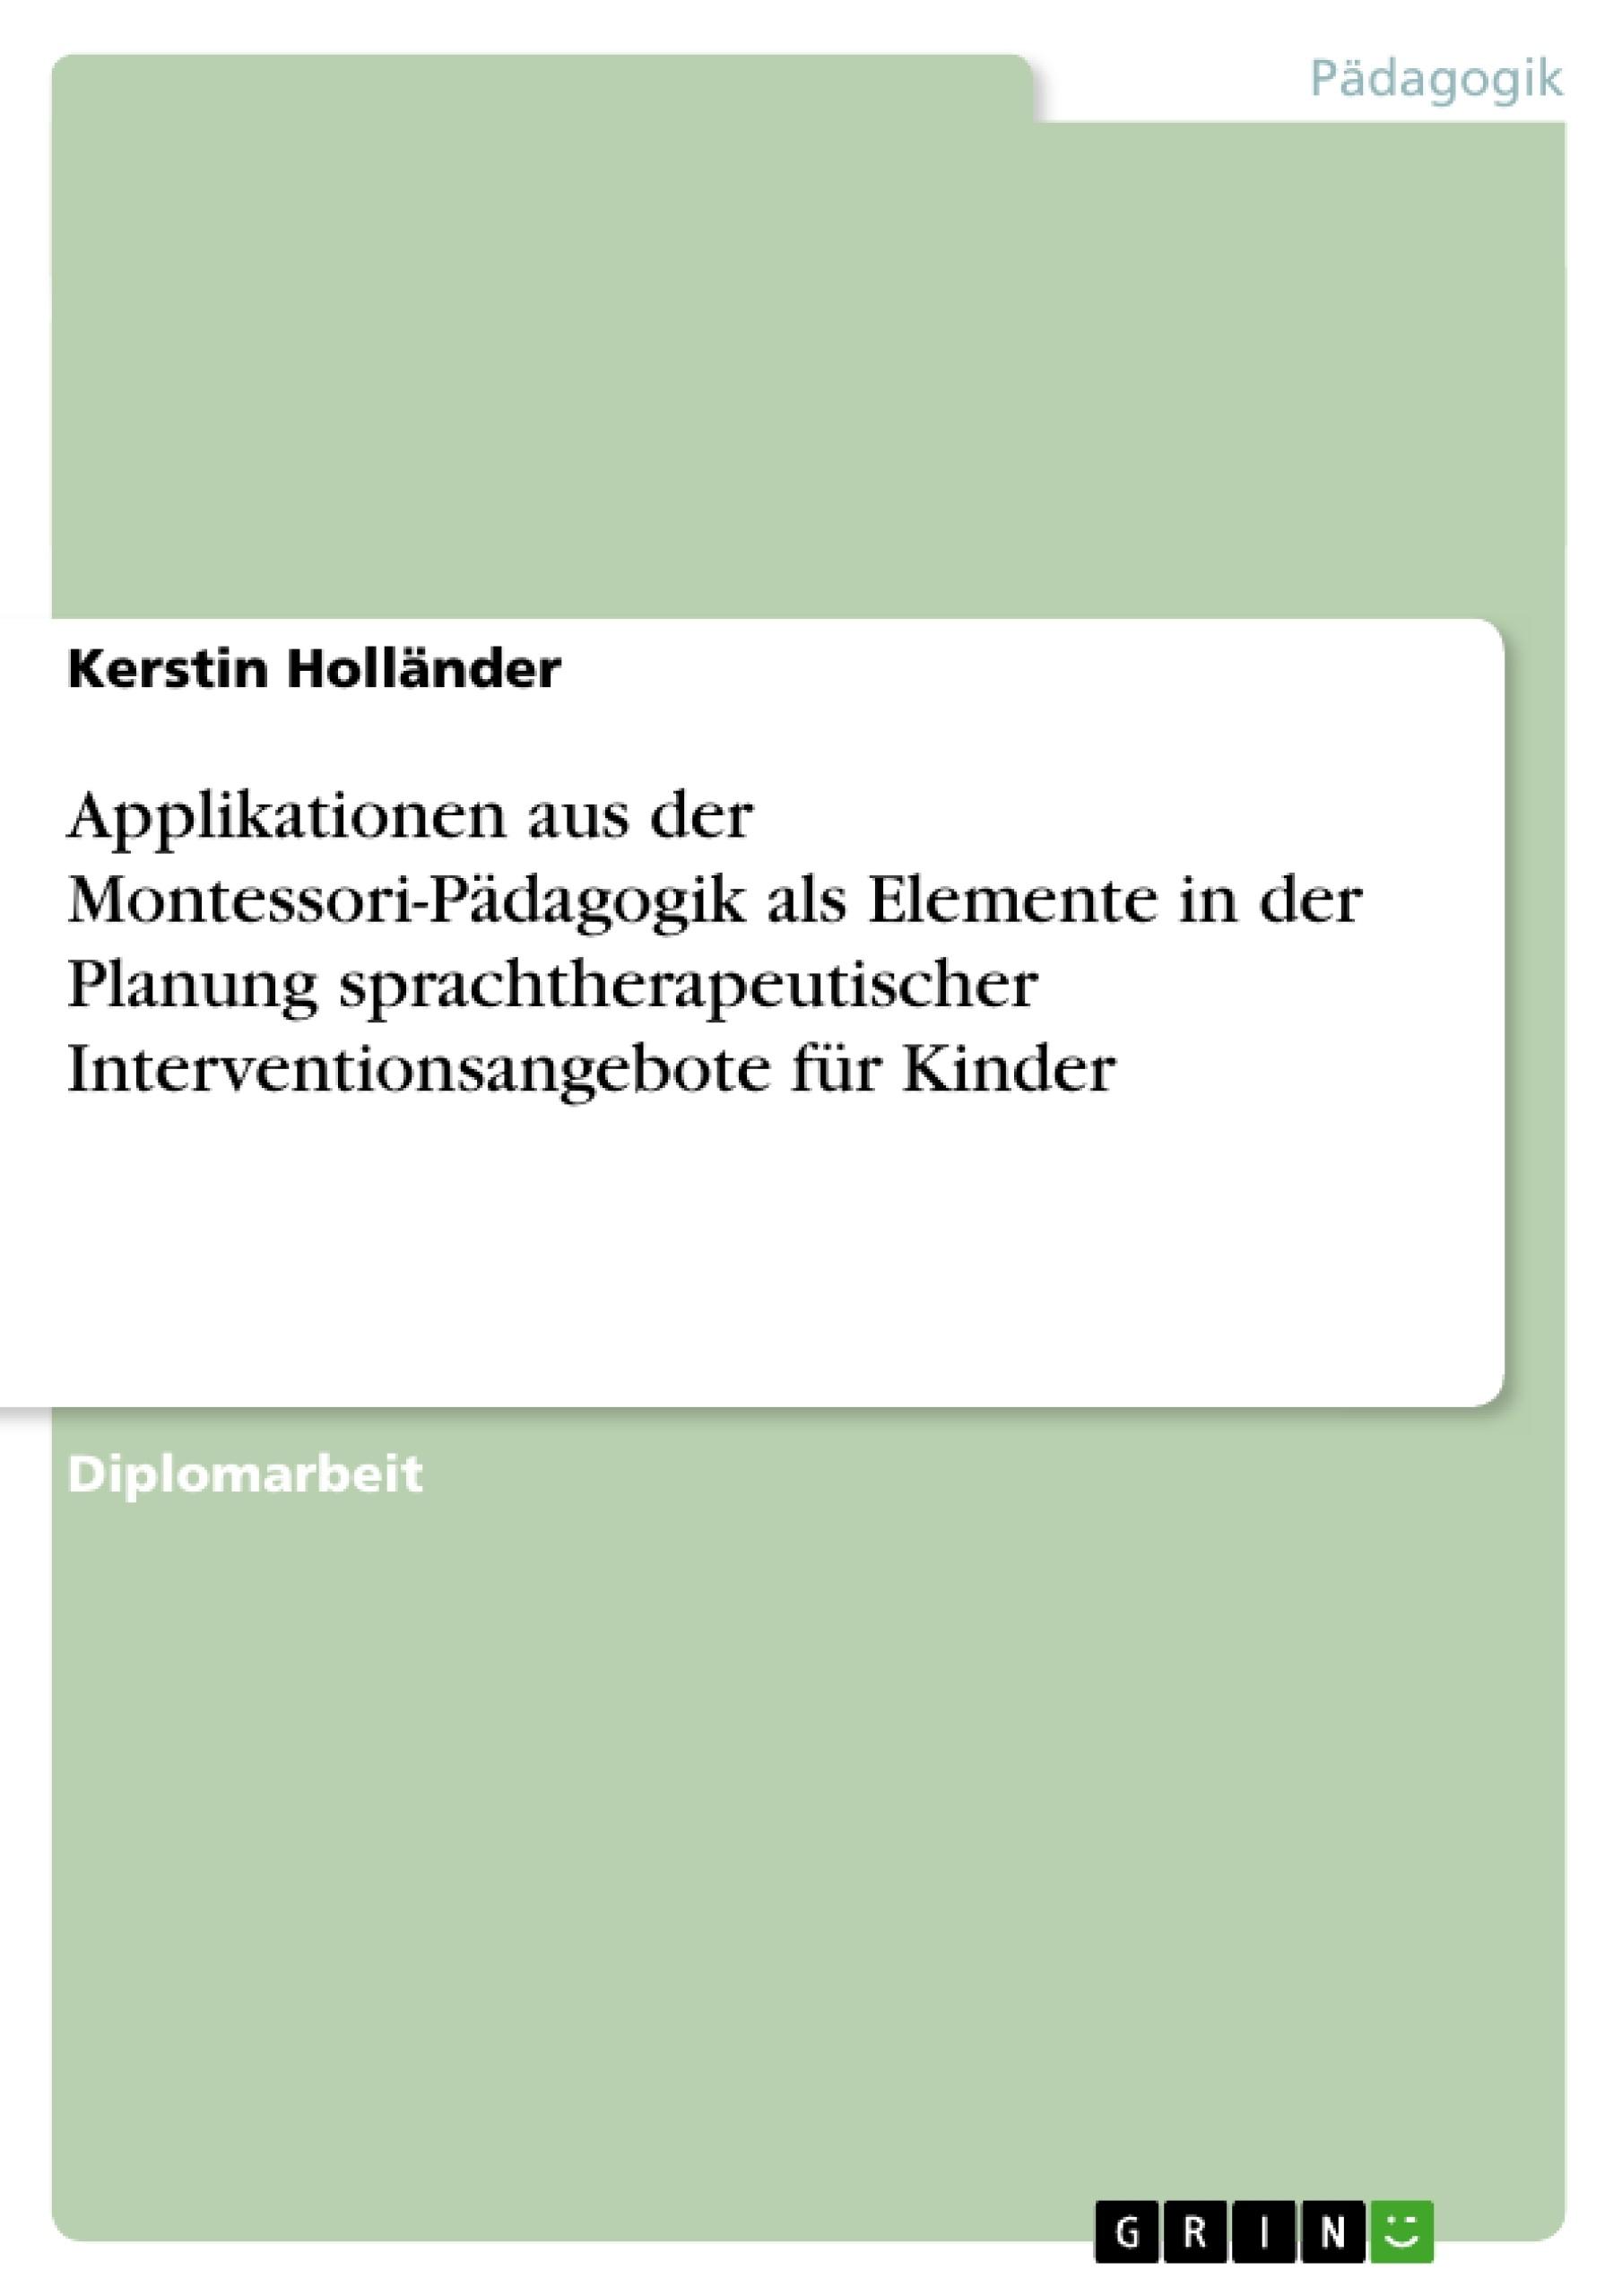 Titel: Applikationen aus der Montessori-Pädagogik als Elemente in der Planung sprachtherapeutischer Interventionsangebote für Kinder